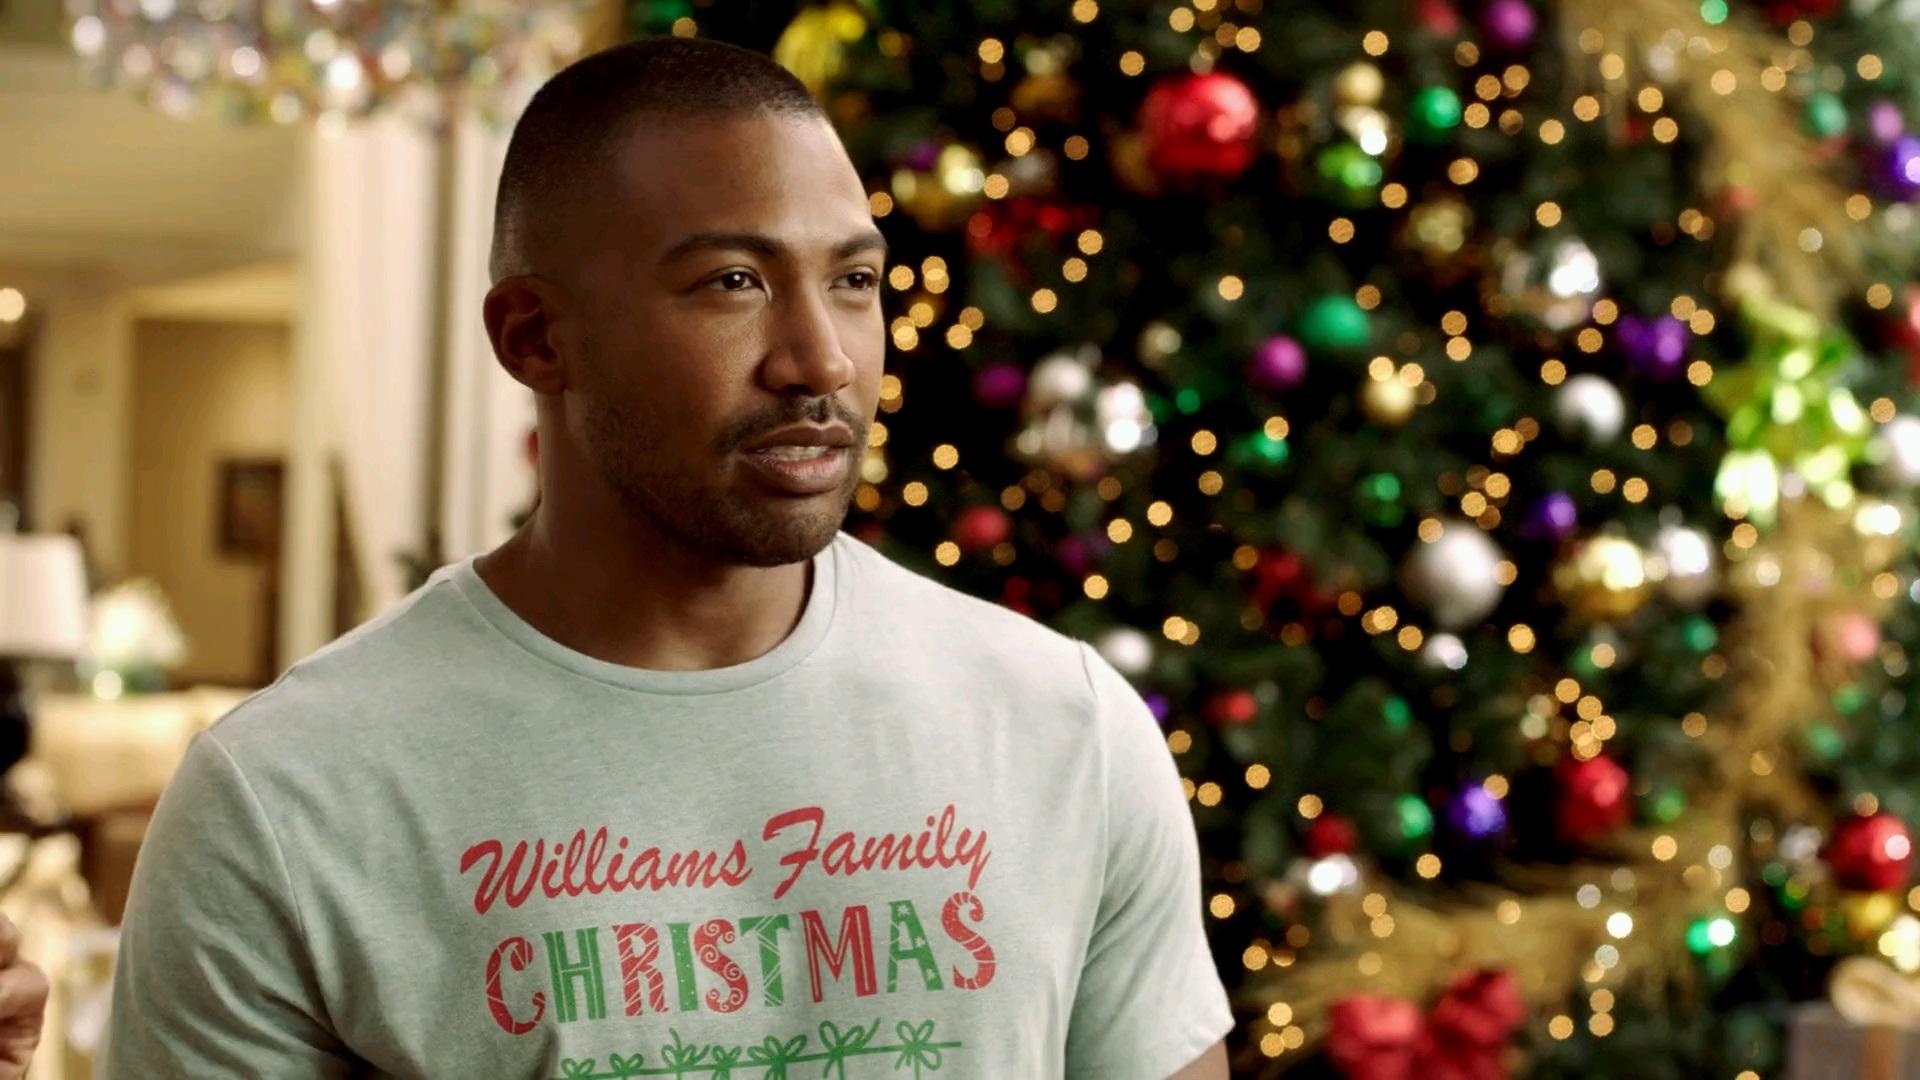 Gelecek Noel, Bu Zamanlar | Same Time, Next Christmas | 2019 | WEB-DL | XviD | Türkçe Dublaj | m720p - m1080p | WEB-DL | Dual | TR-EN | Tek Link